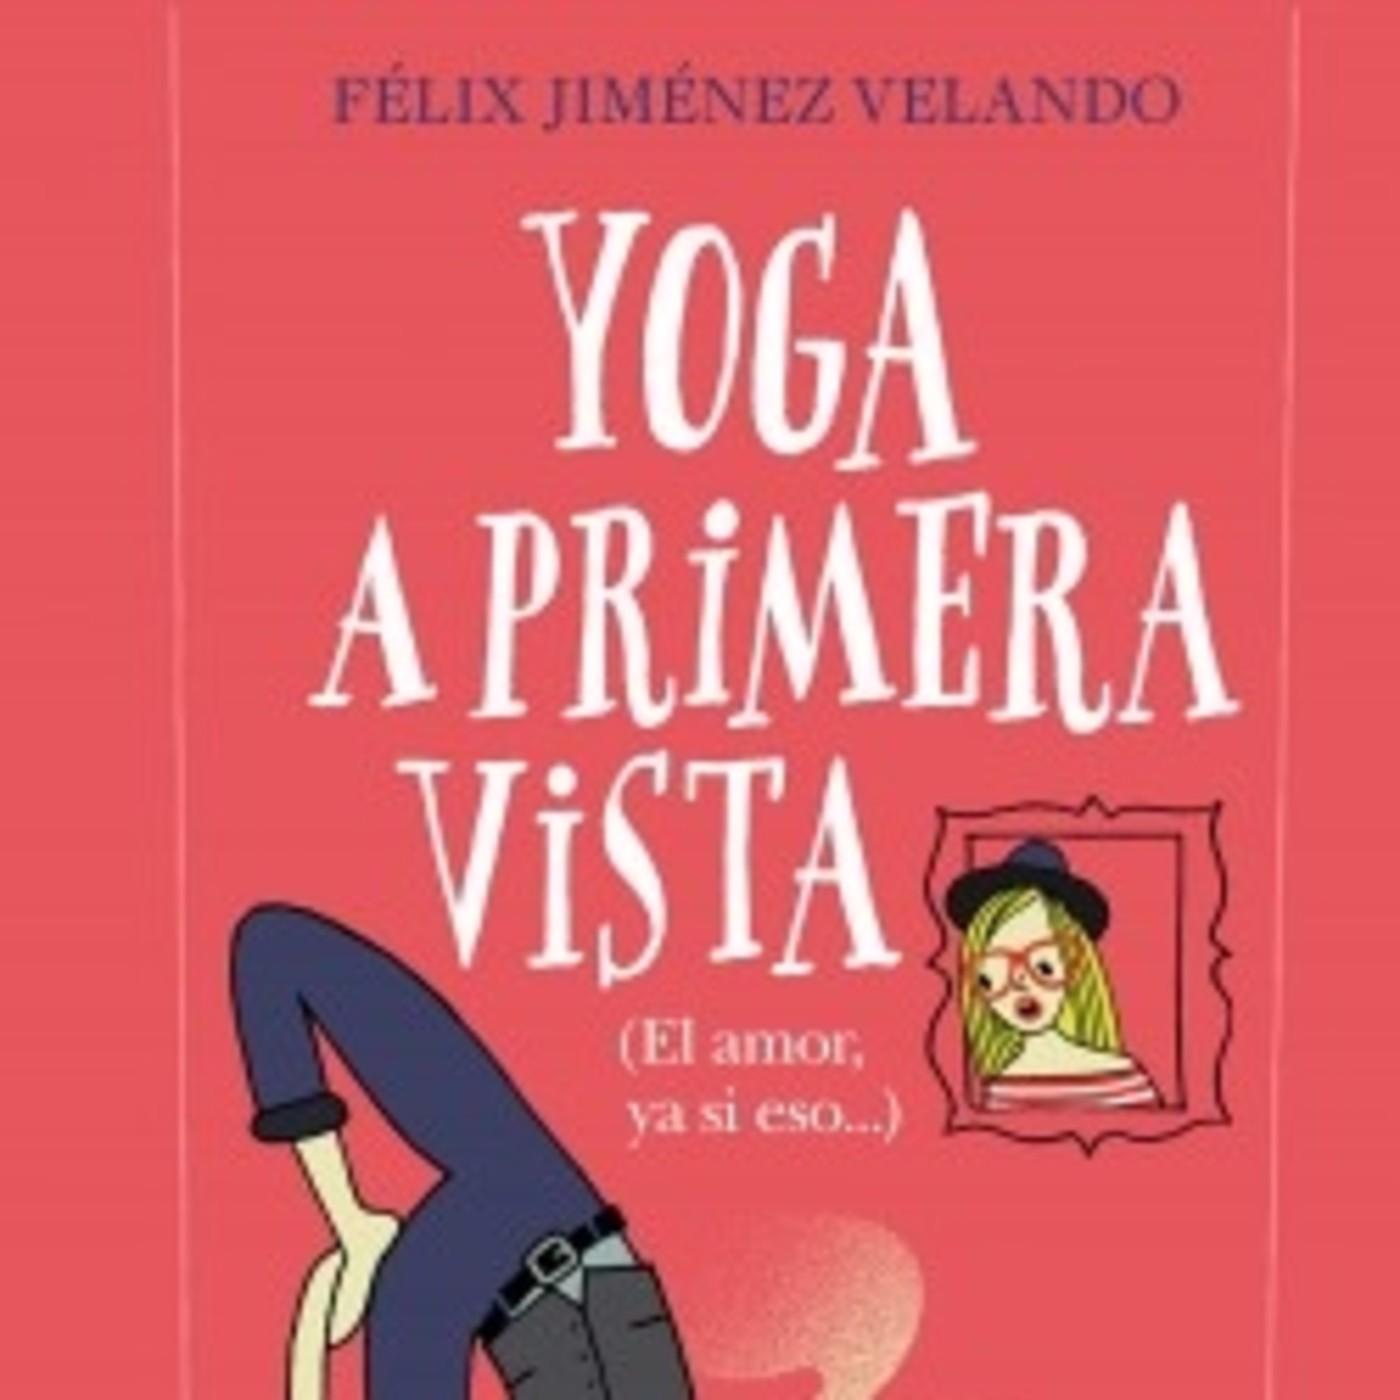 'Yoga a primera vista' de Félix Jiménez Velando